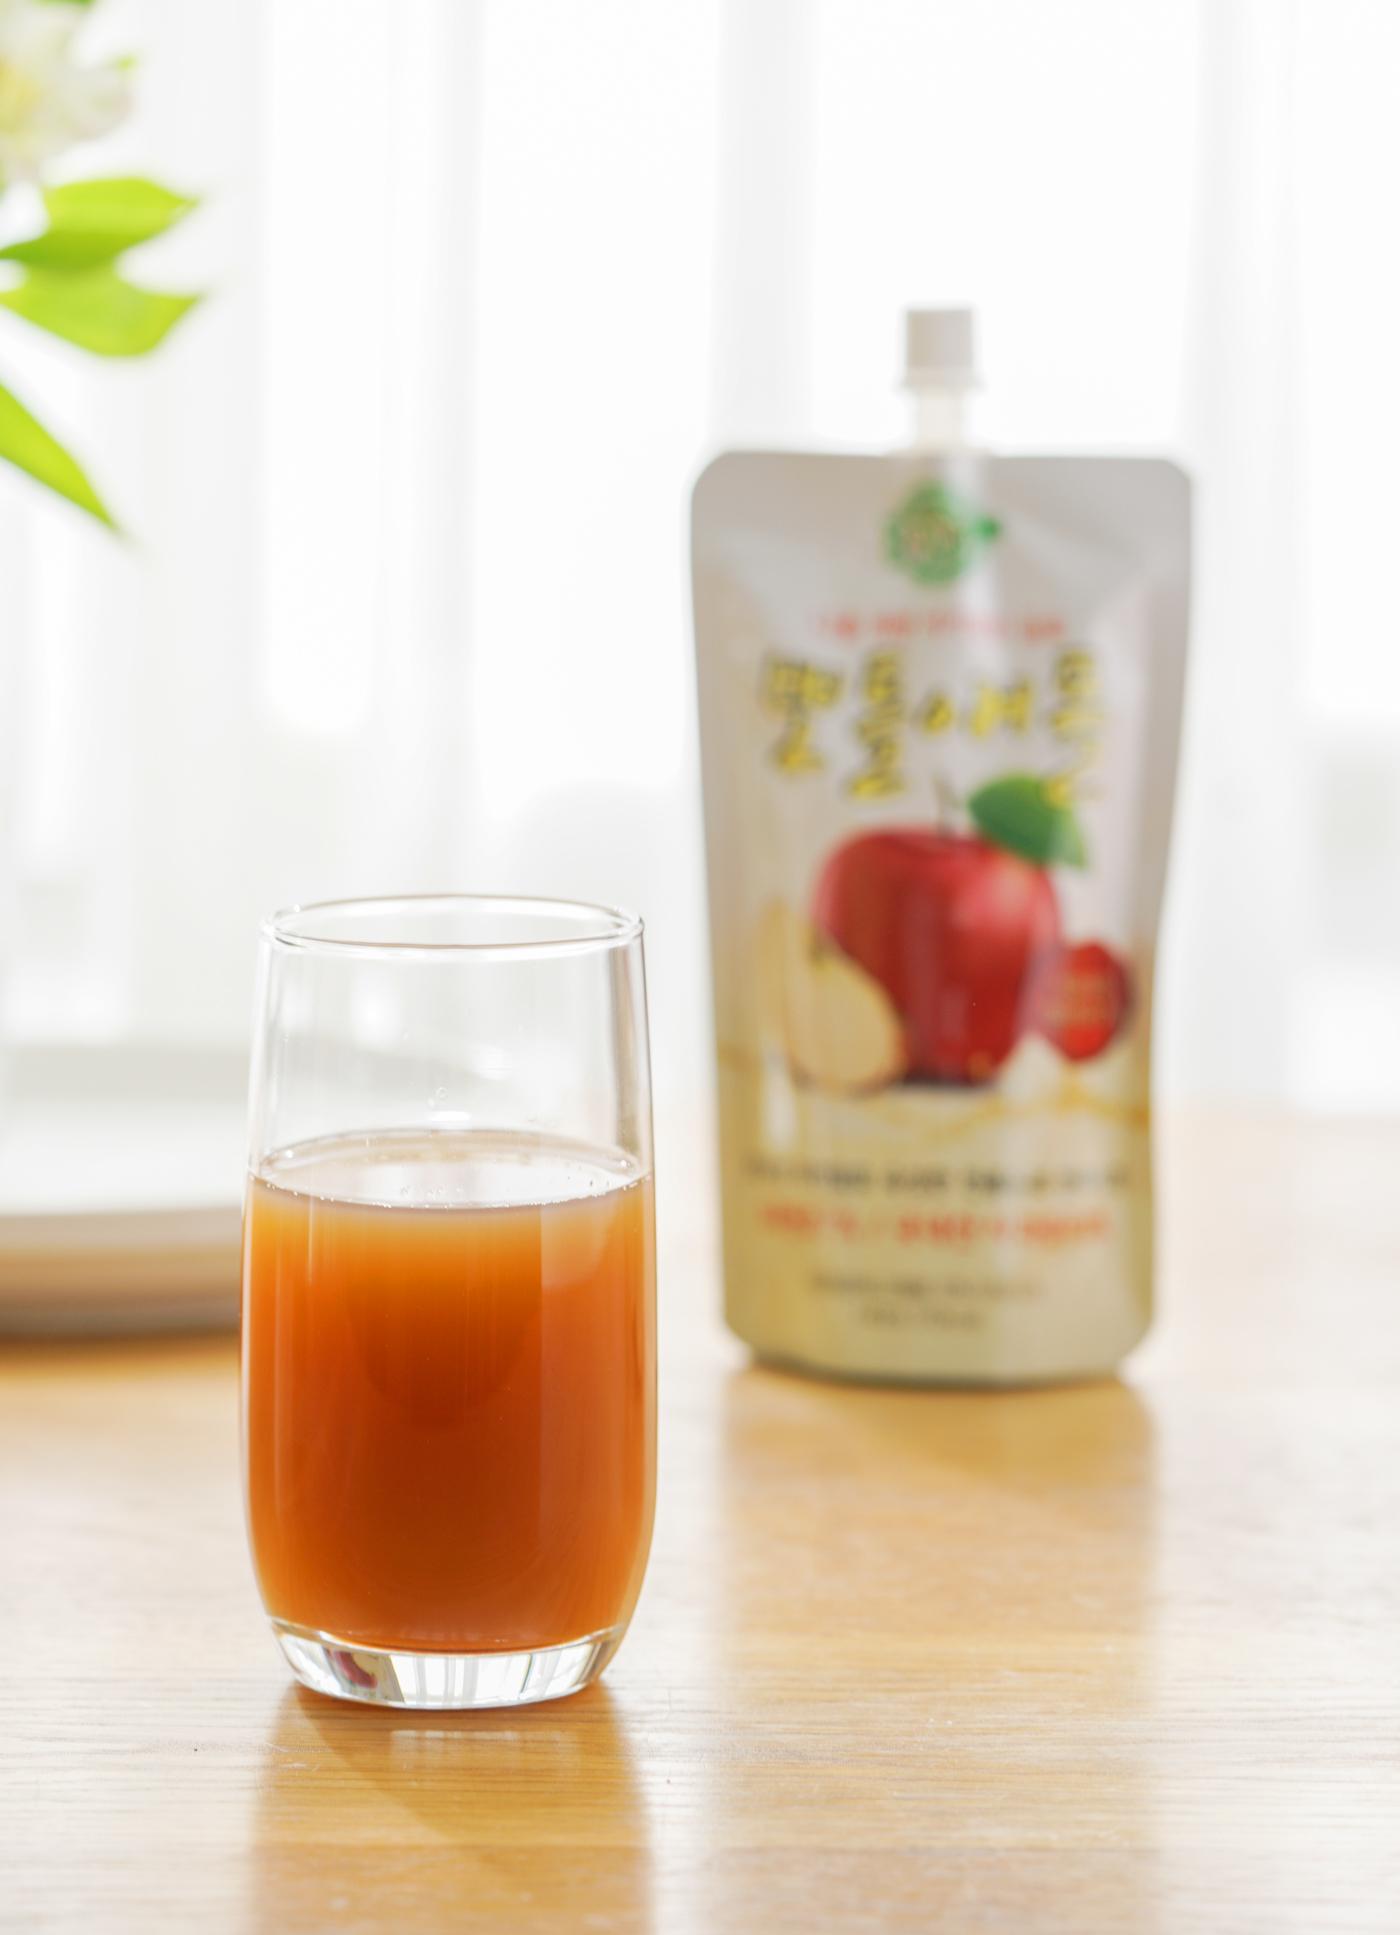 현미식초 사과즙 뽀틀애플 15포(150ml)/국내산 사과즙 93%와 현미식초 7%로 이루어진 전통 건강 음료 15포 박스(150ml*15포) 상세이미지2